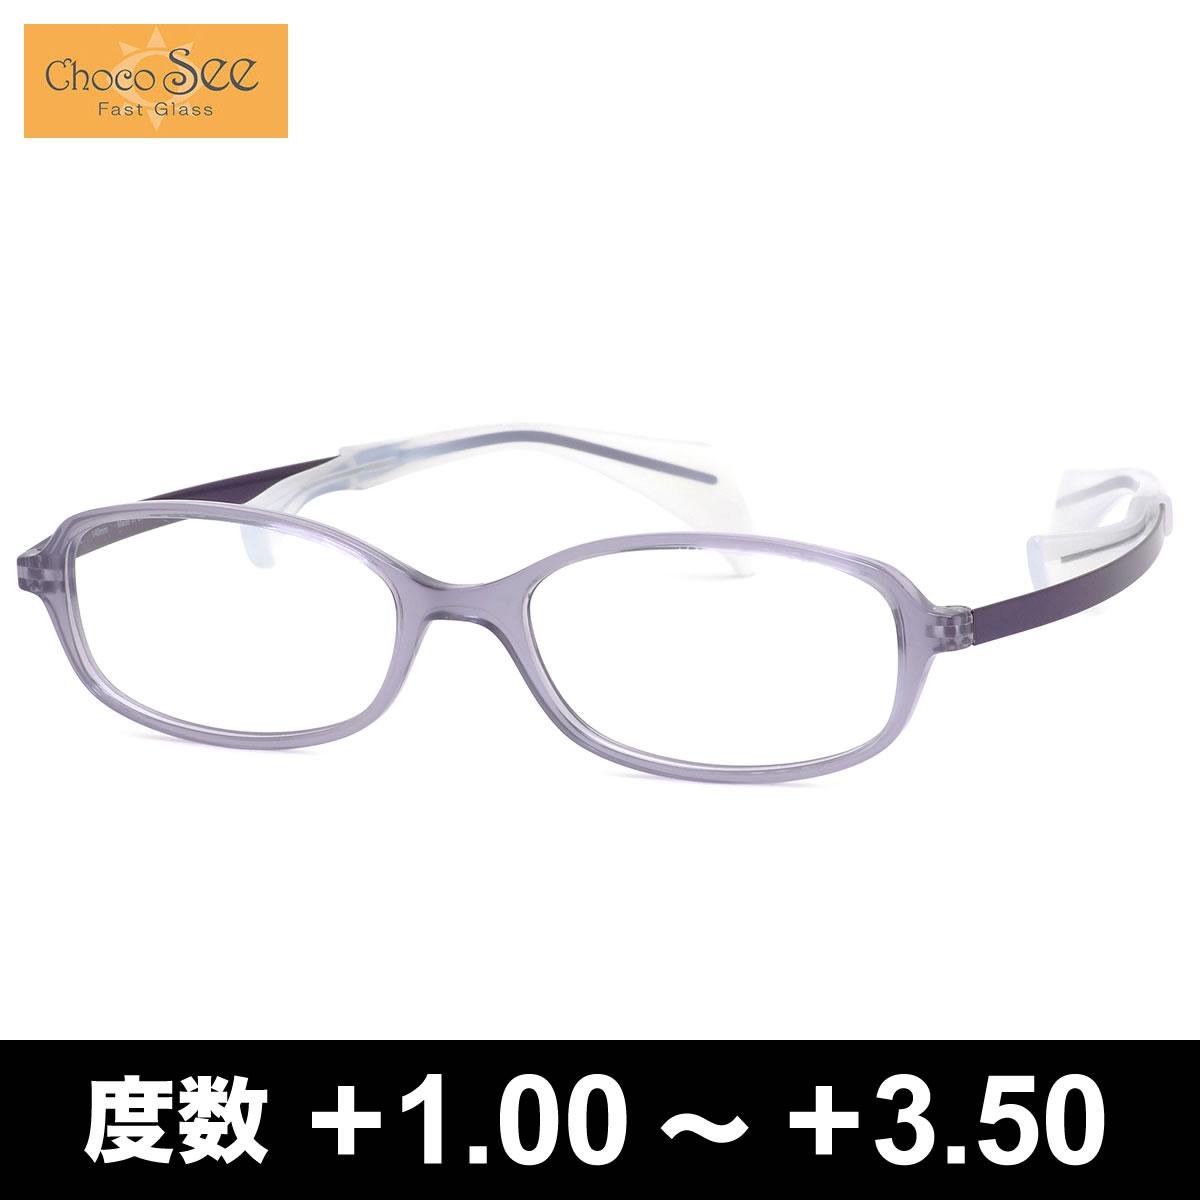 ほぼ全品ポイント15倍〜最大43倍!お得なクーポンも! ちょこシー スマート老眼鏡 +1.00〜+3.50 非球面 紫外線カットブルーライトカット ChocoSee FG24503 VO 50サイズ  鼻に跡がつかないメガネ チョコシー ちょこしー ベータチタン リーディンググラス [OS]